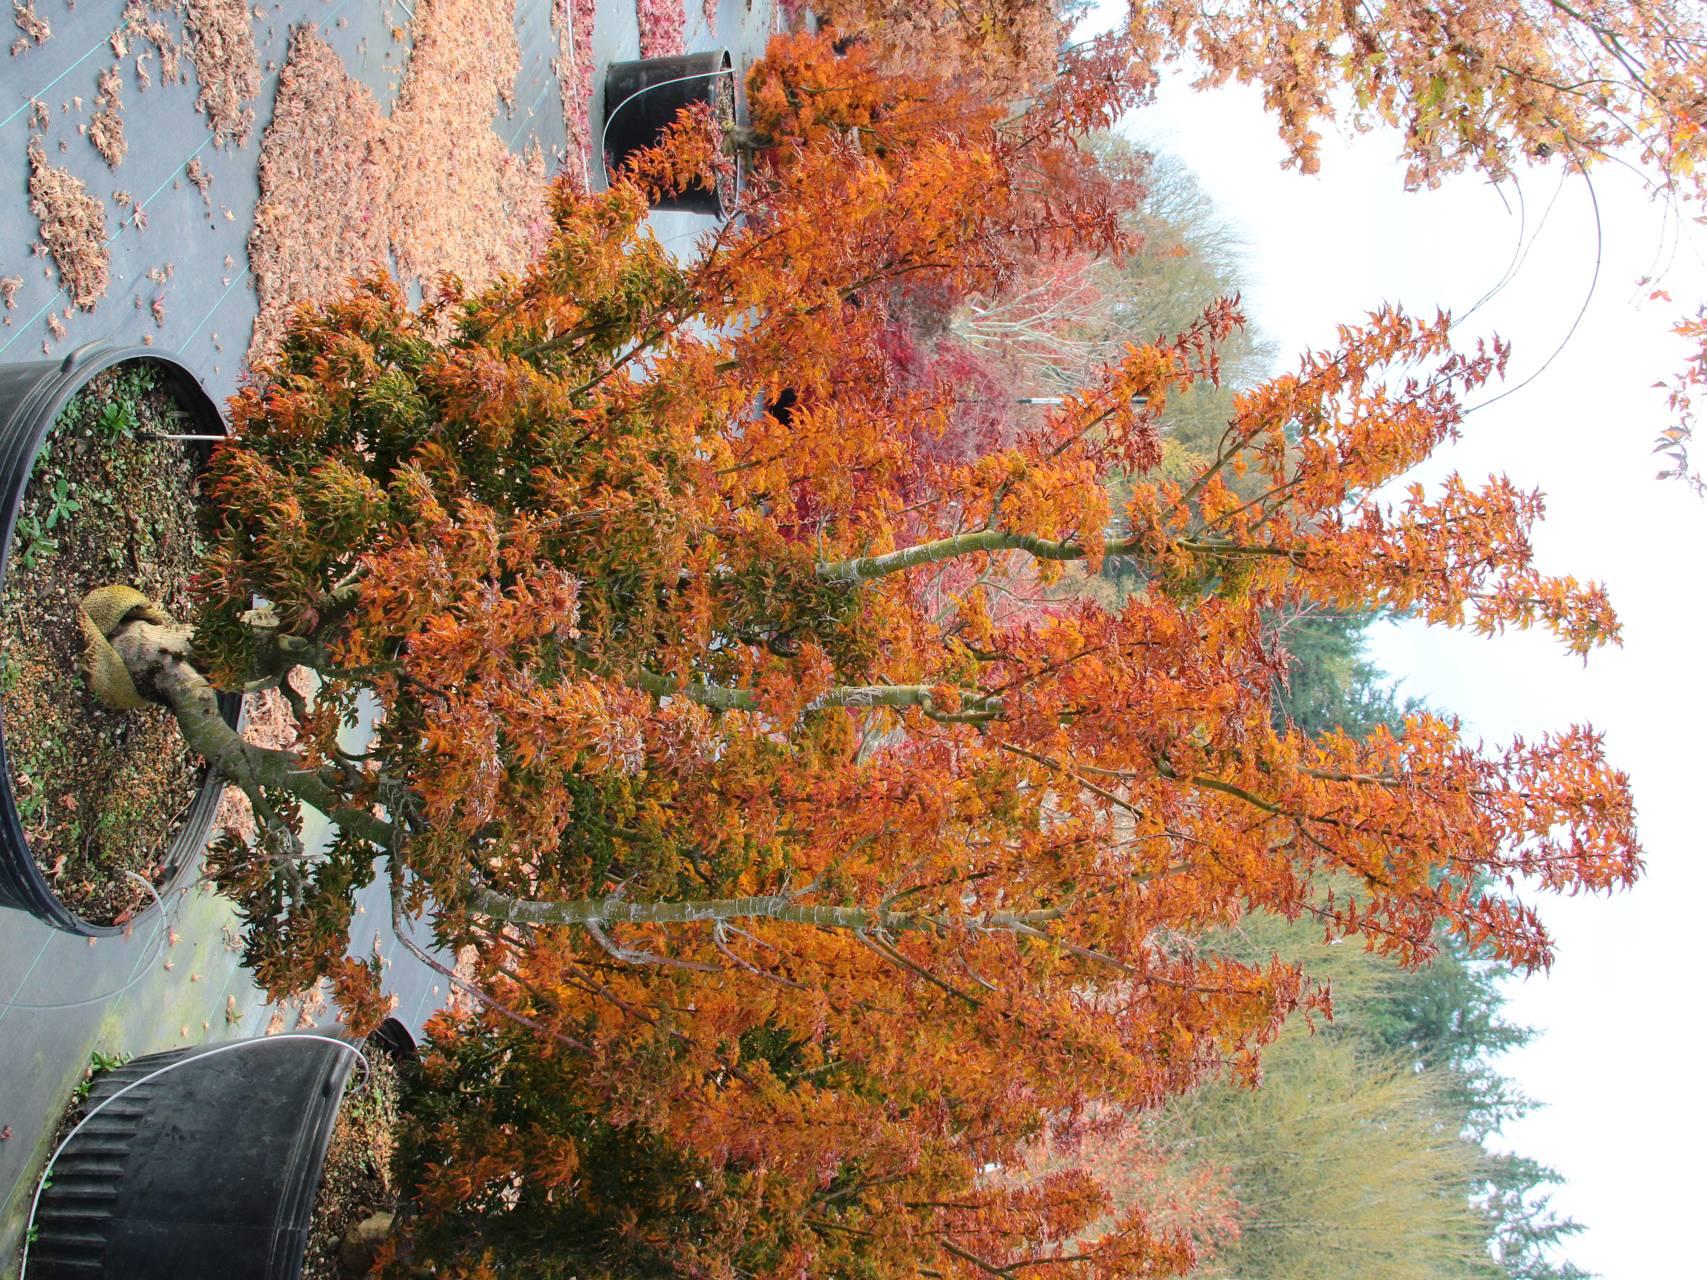 Acer palmatum Shishigashira Japanese maple crinkly leaves upright vase green red